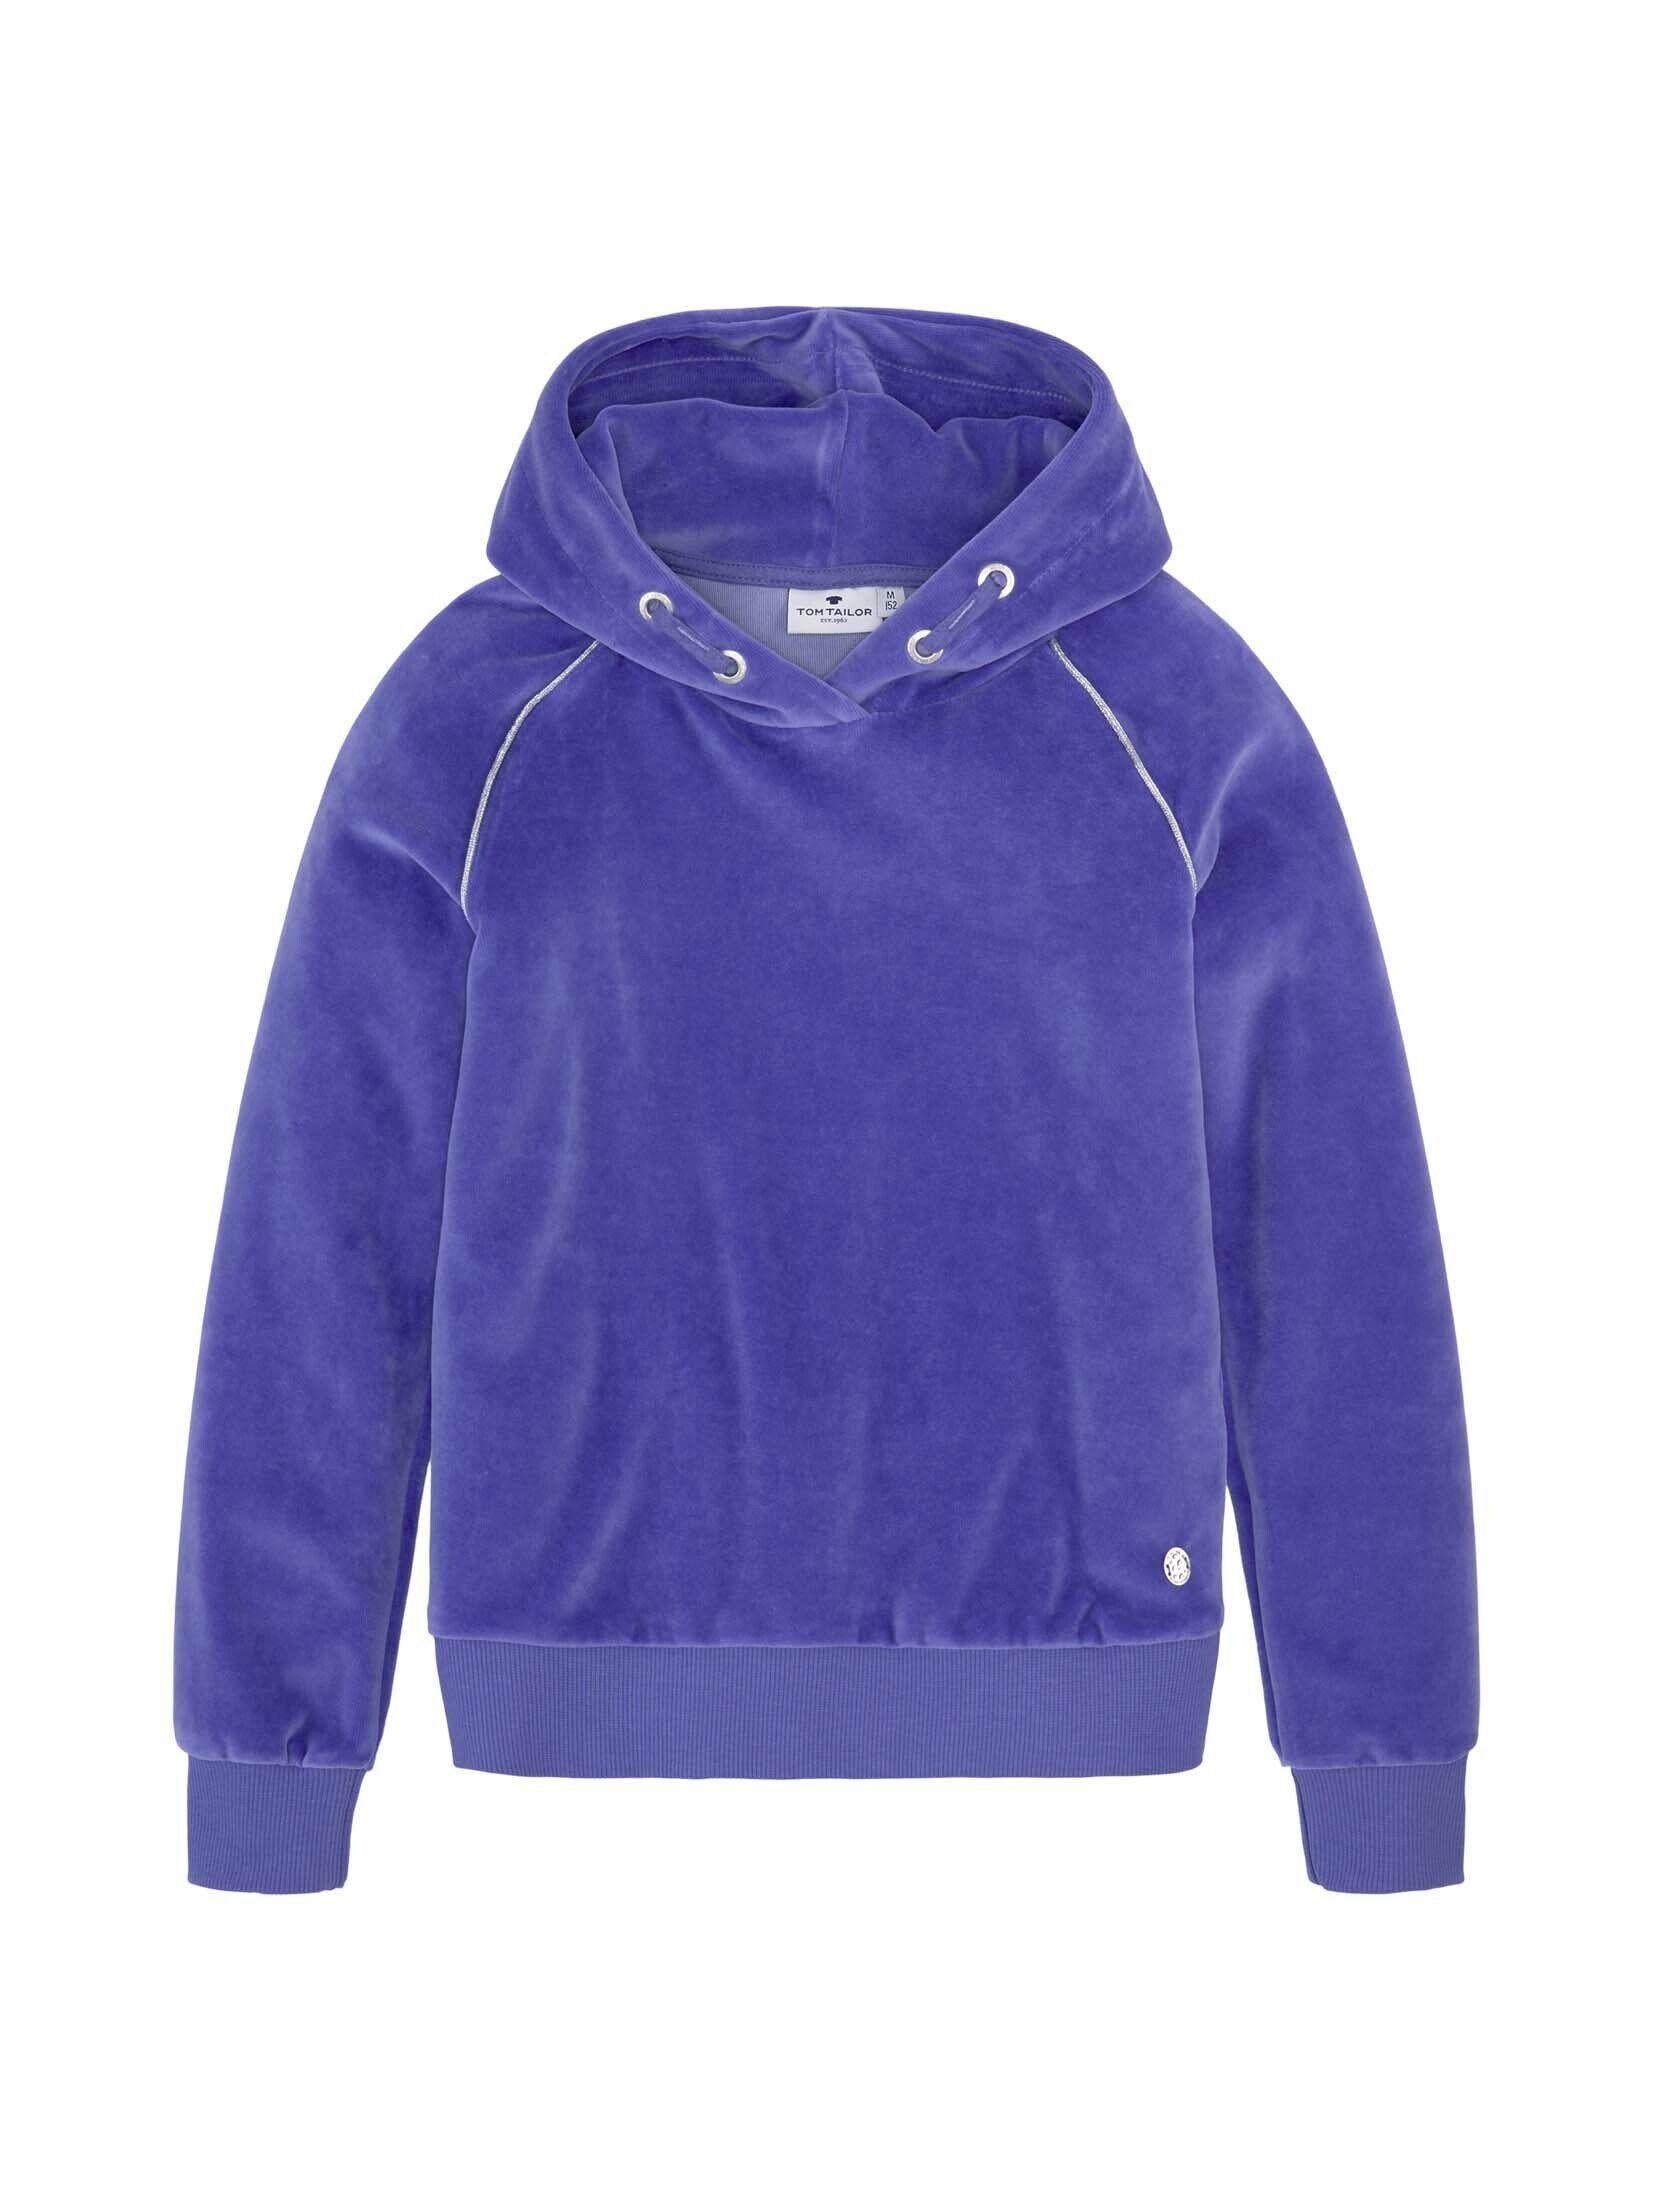 TOM TAILOR Sweatshirt »Nicki Hoodie mit Glitzerstreifen«, blau